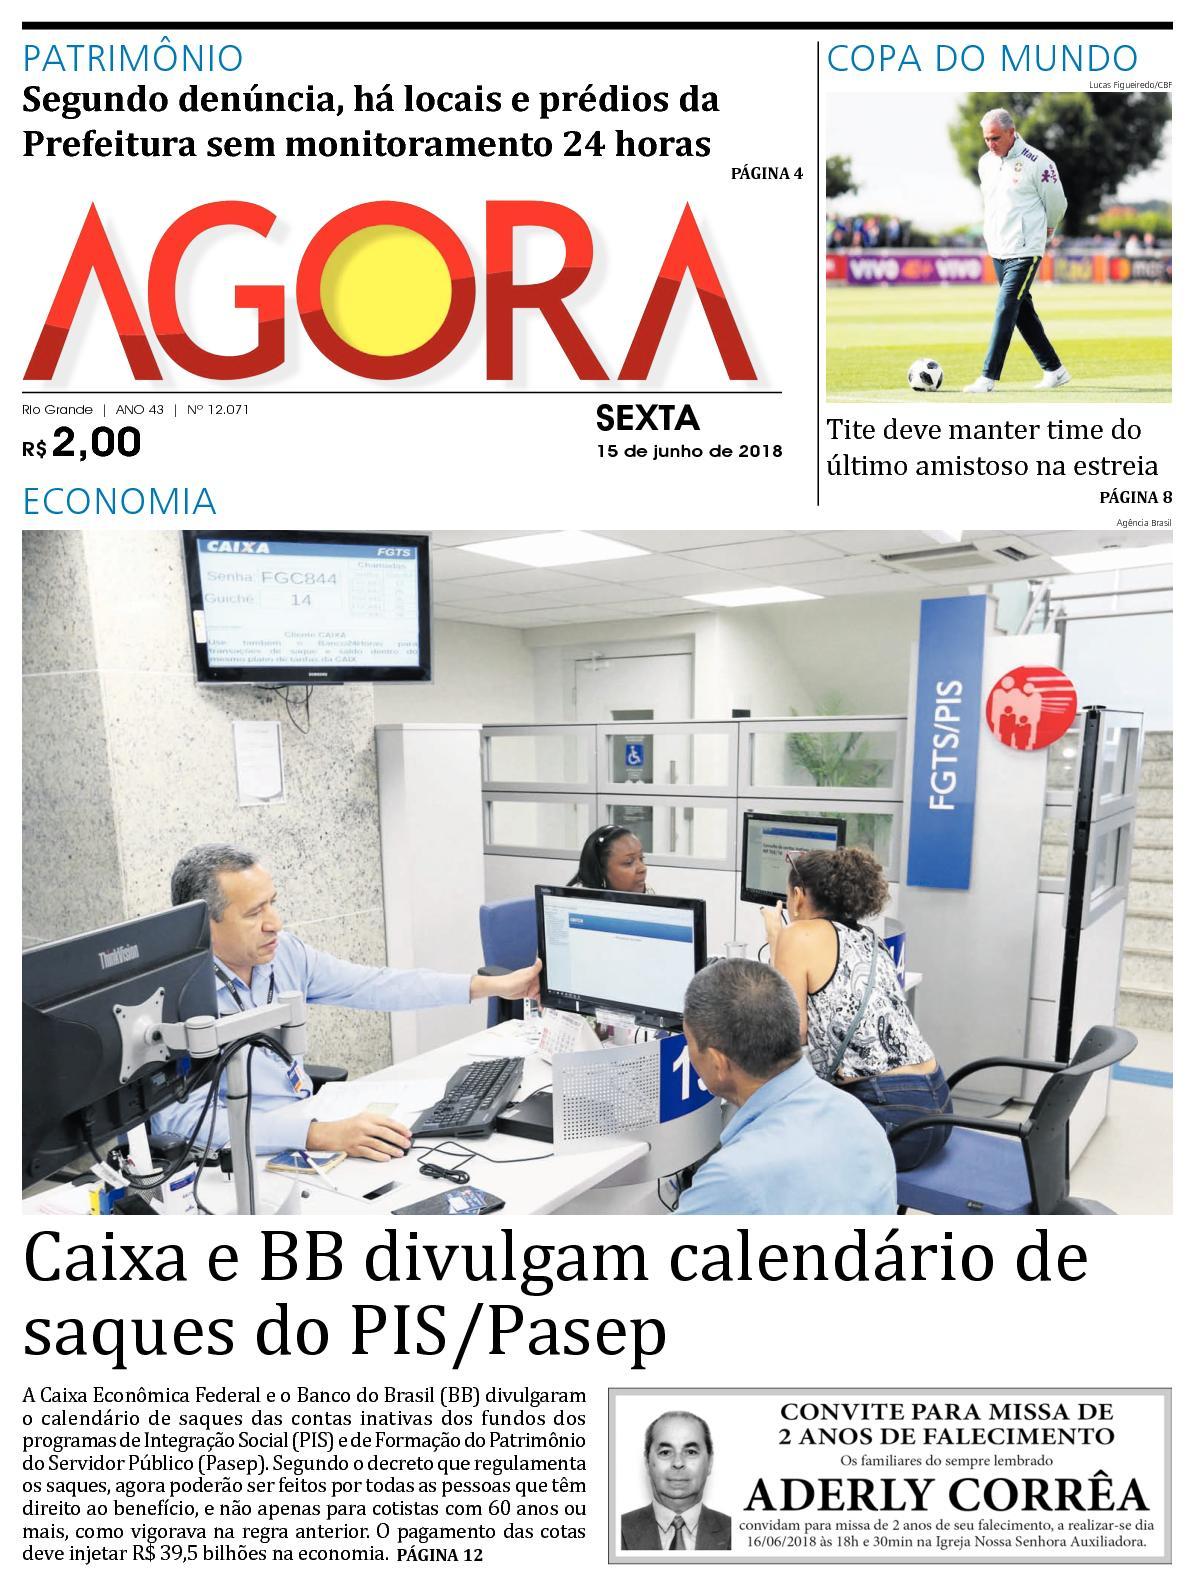 98800b4b804bc Calaméo - Jornal Agora - Edição 12071 - 15 de Junho de 2018